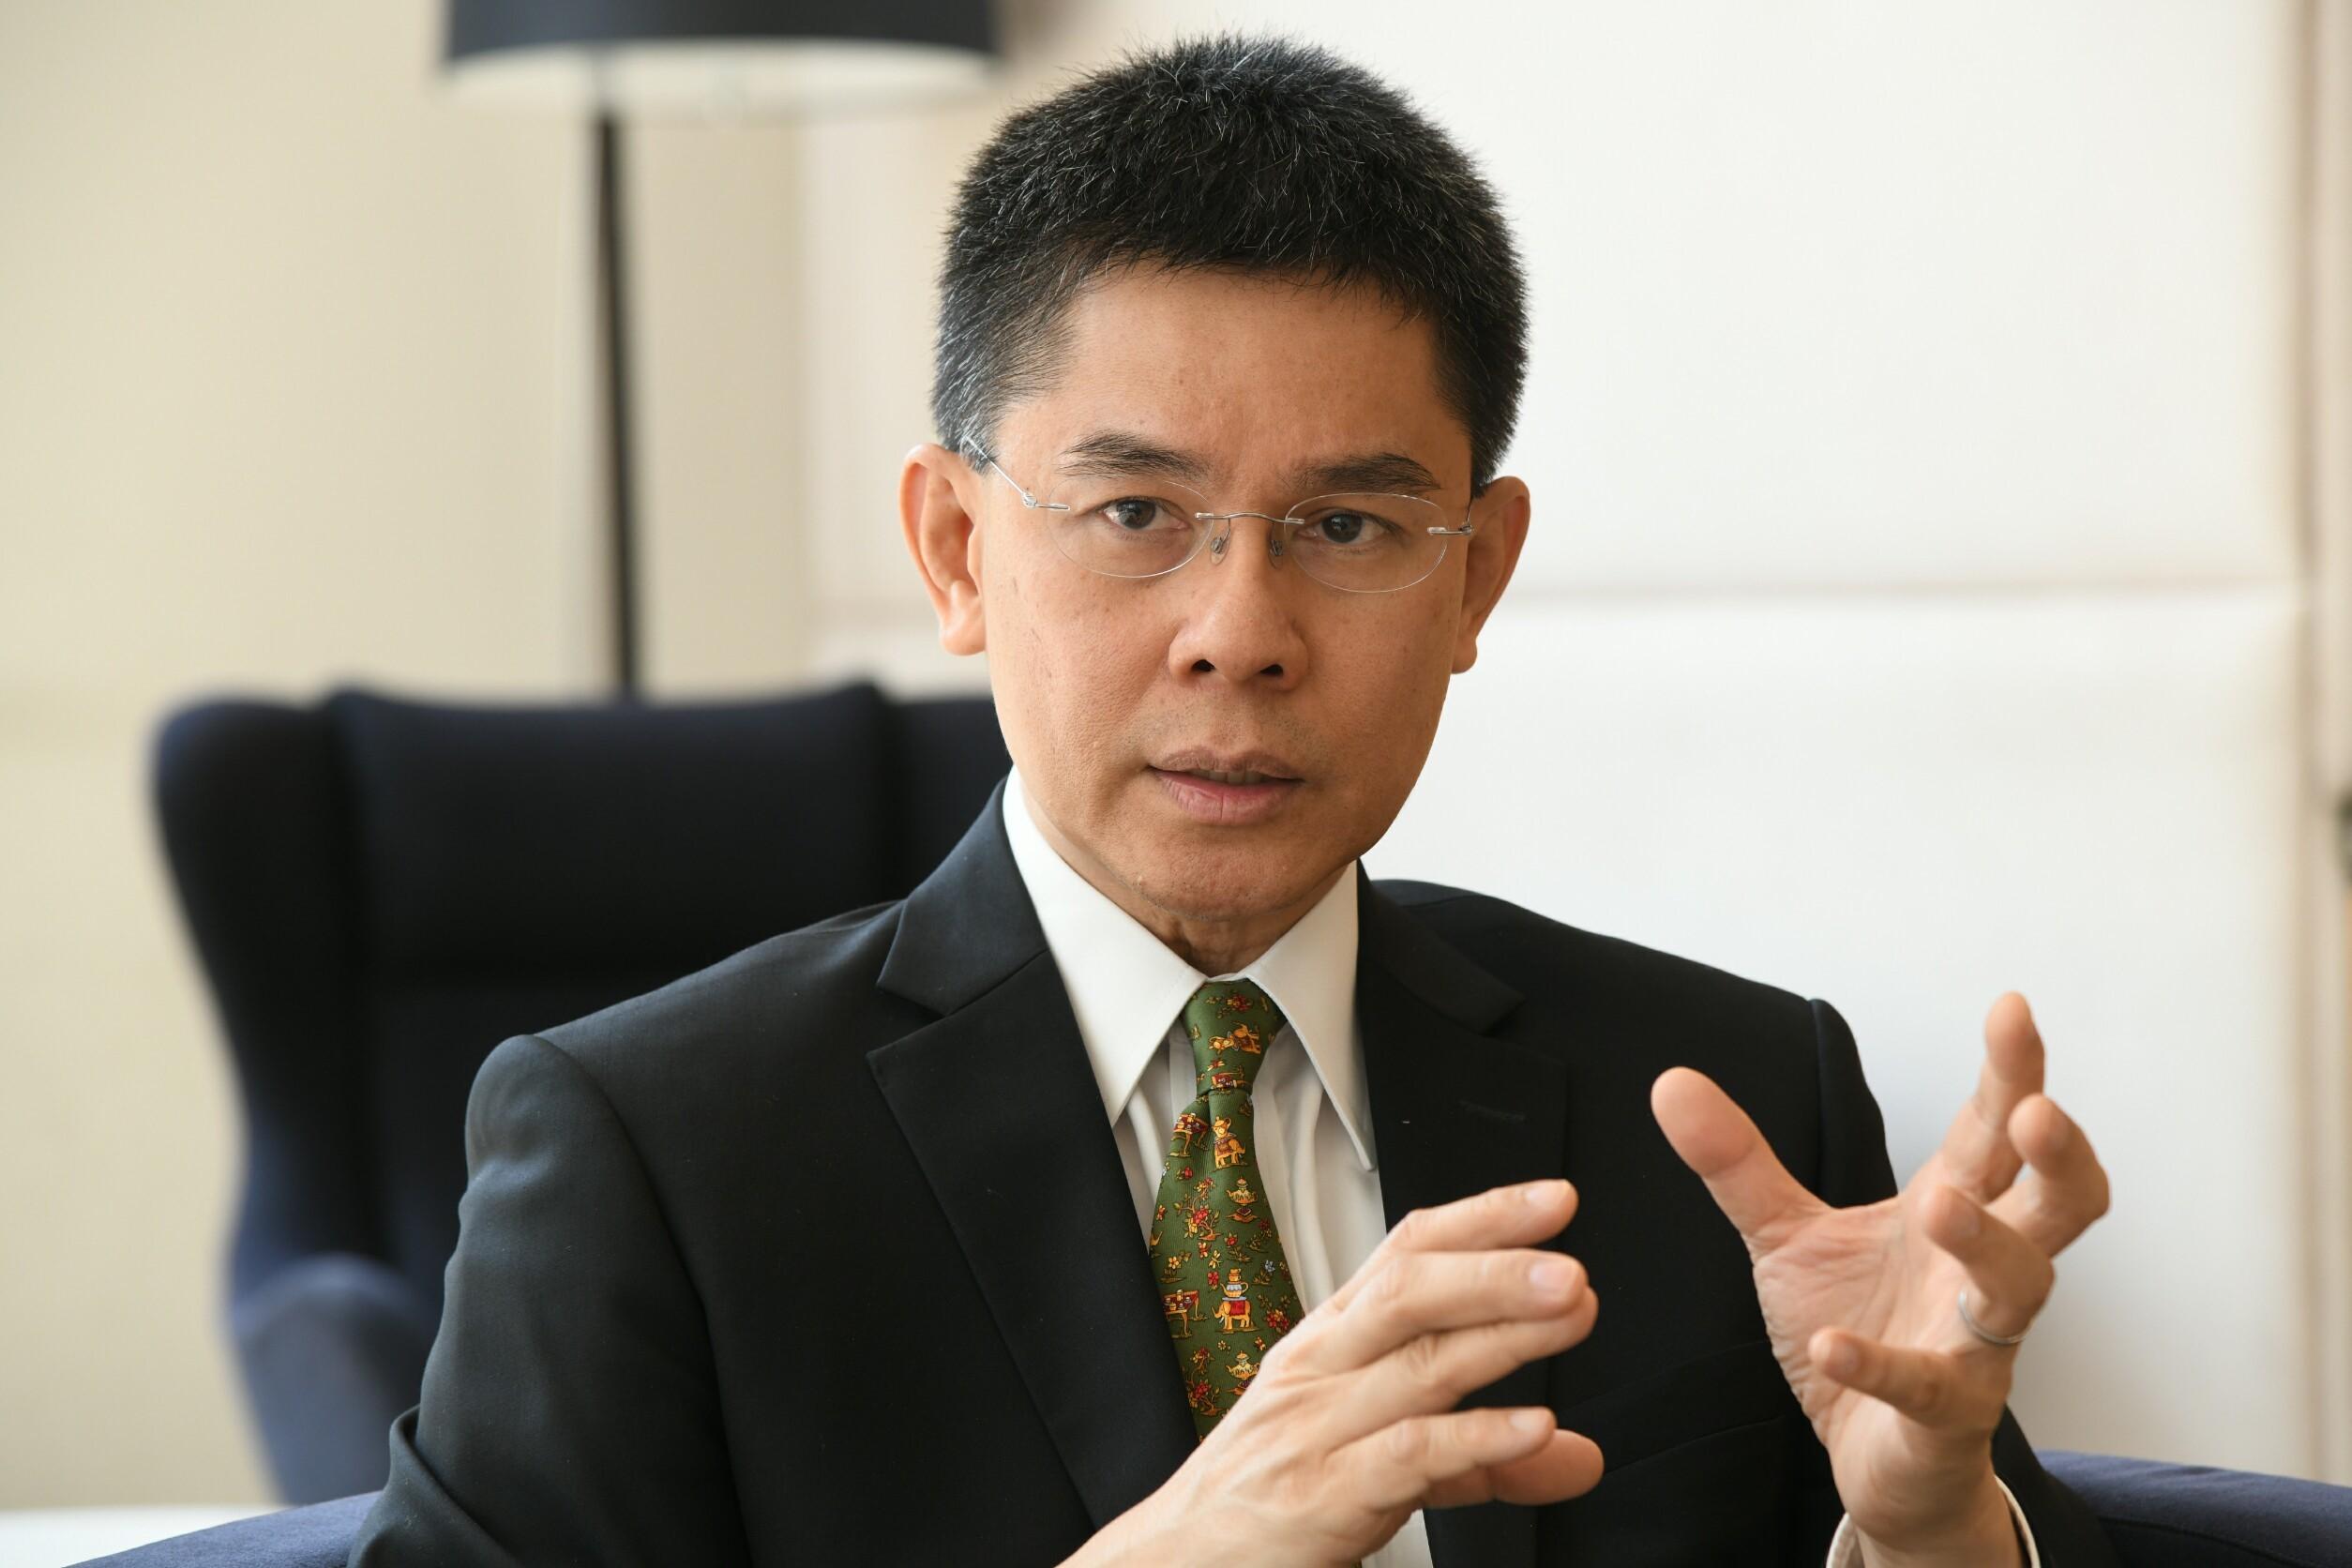 รศ.ดร.ปณิธานเผยจม.เปิดผนึกขบวนการพูโลถึงยูเอ็น สะท้อนการเคลื่อนไหวใหม่